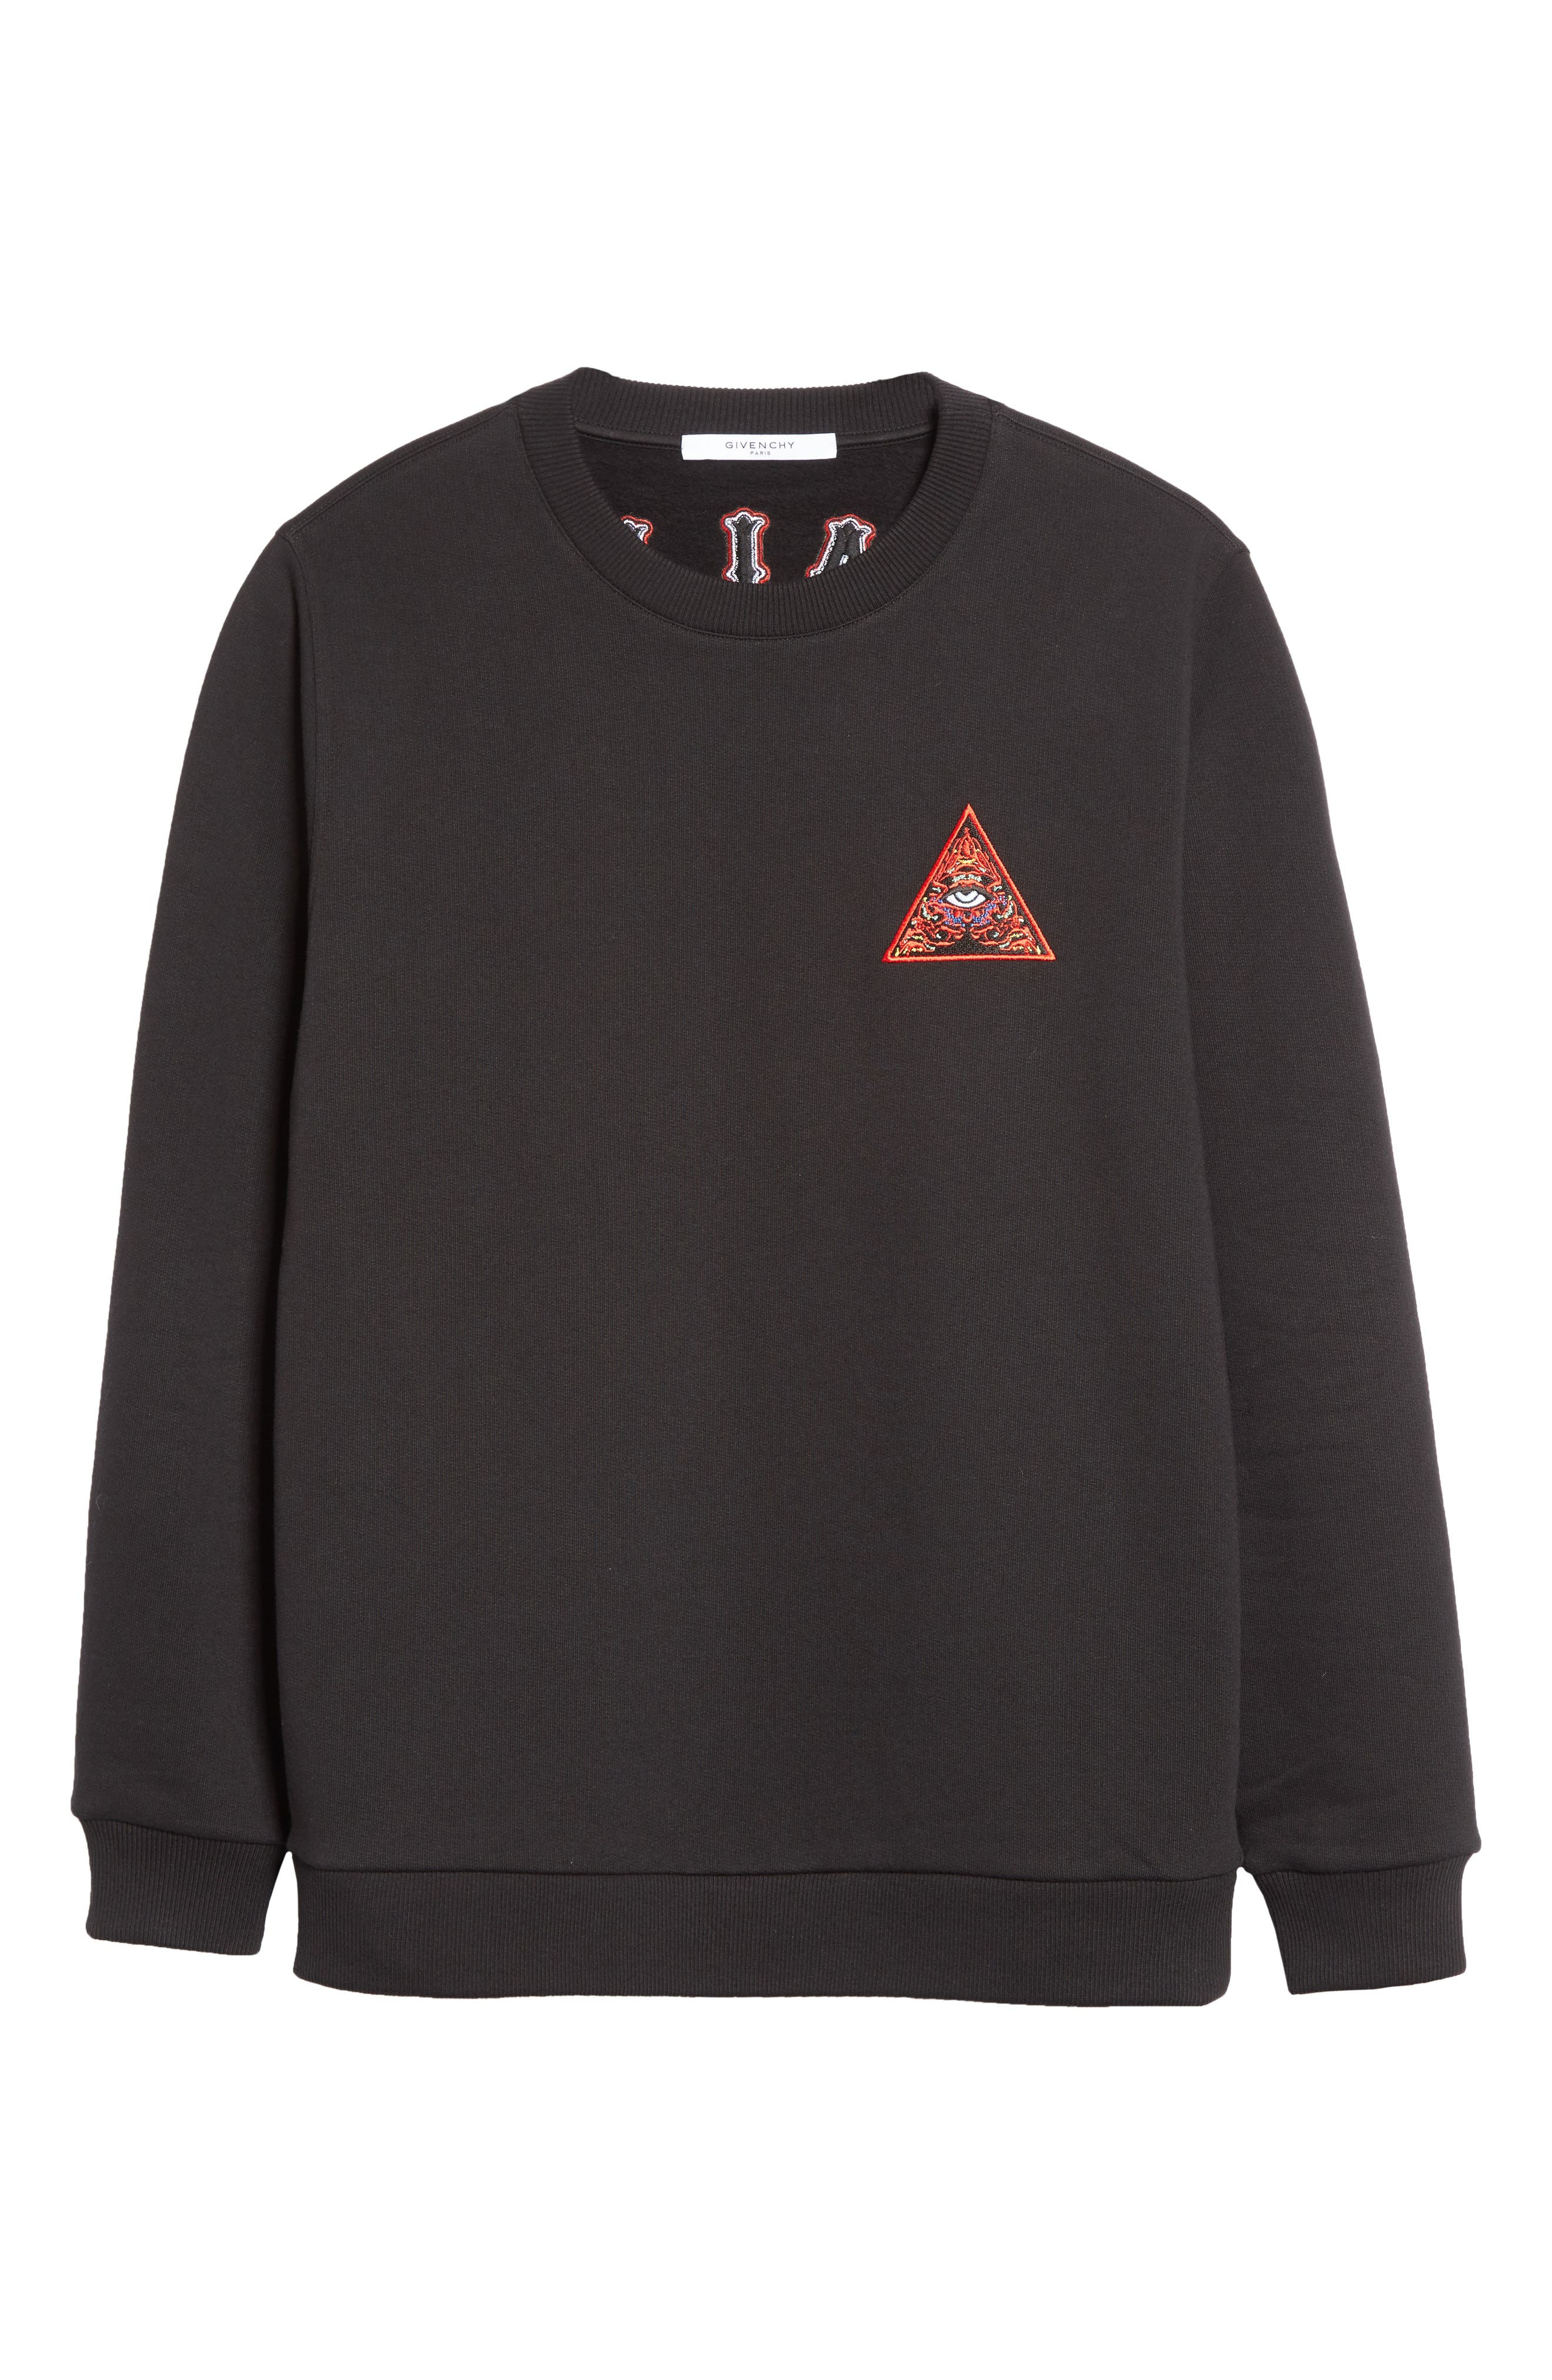 Cuban Fit Realize Sweatshirt,                             Alternate thumbnail 6, color,                             001